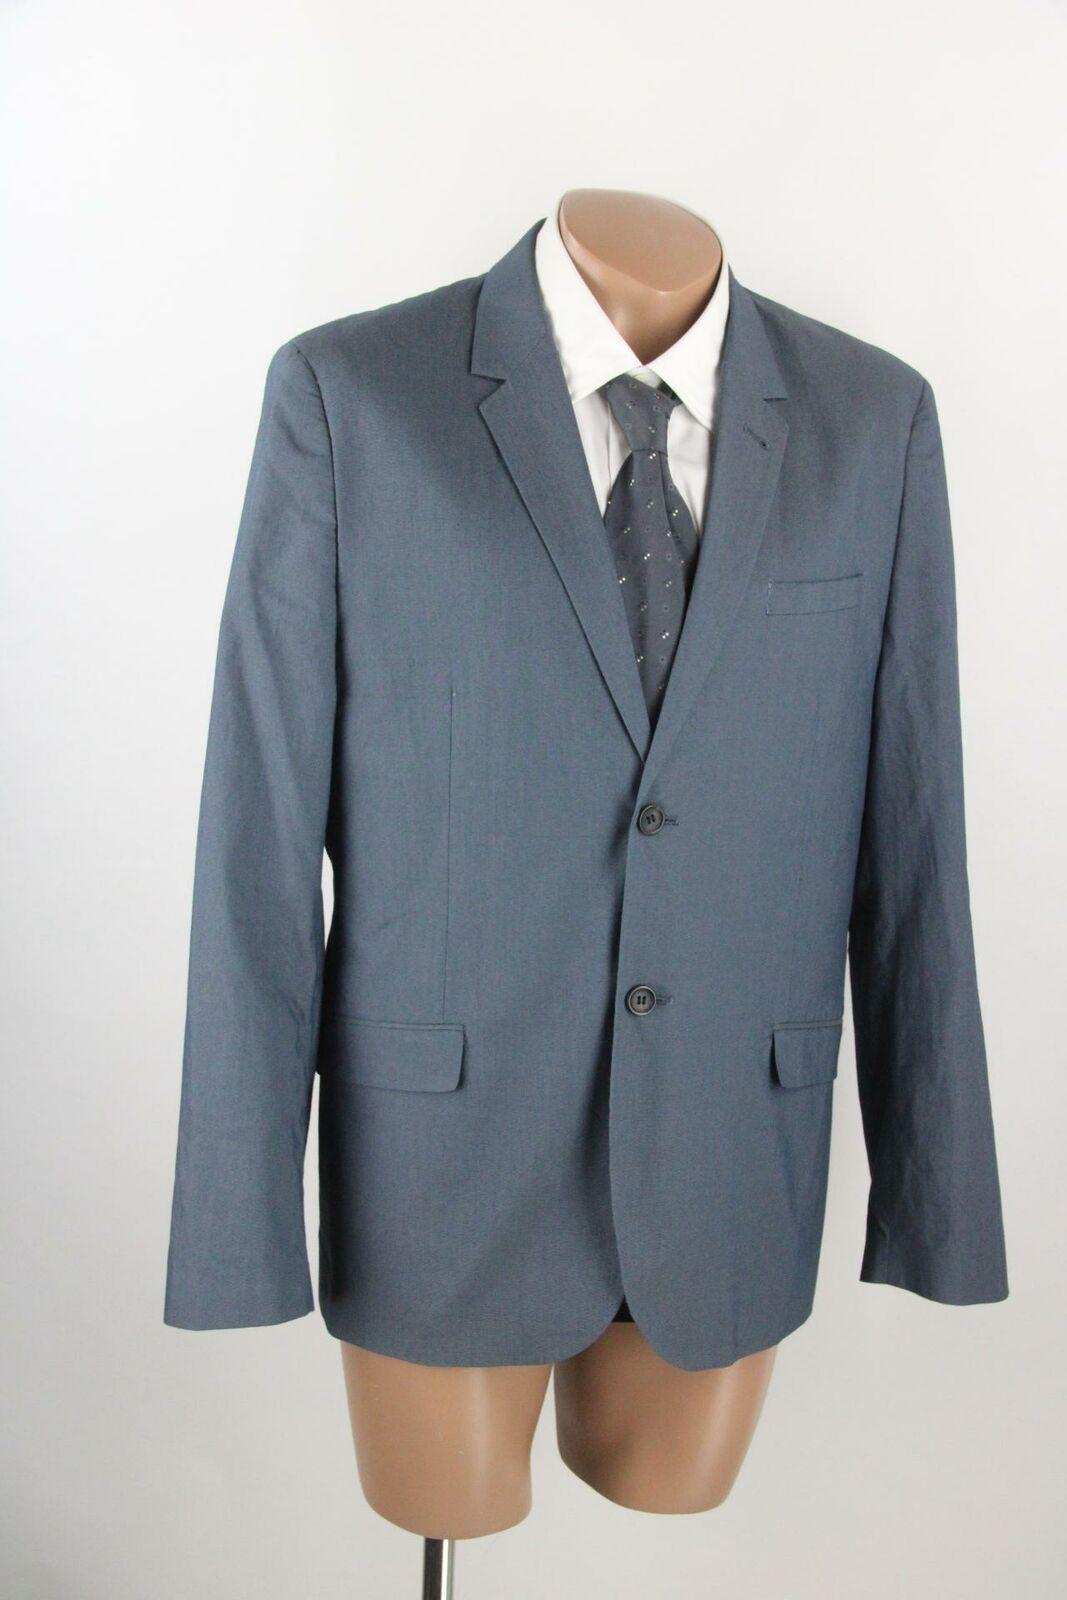 H&M blaues Zwei-Knopf-Sakko Gr.52/L Baumwollmischung Top Zustand